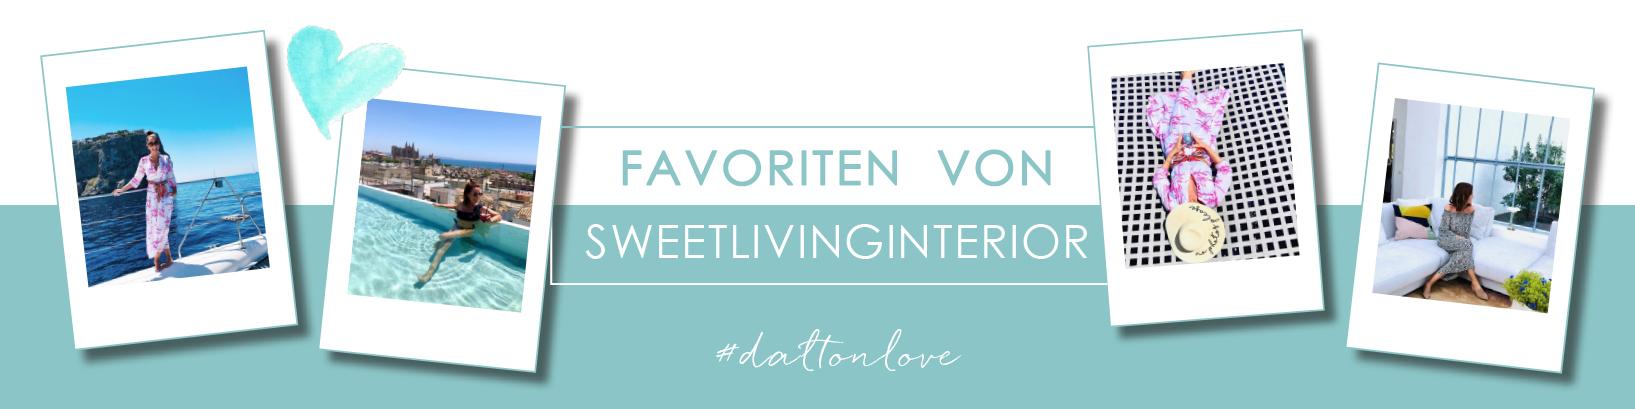 Die Dalton Produkthighlights von sweetlivinginterior